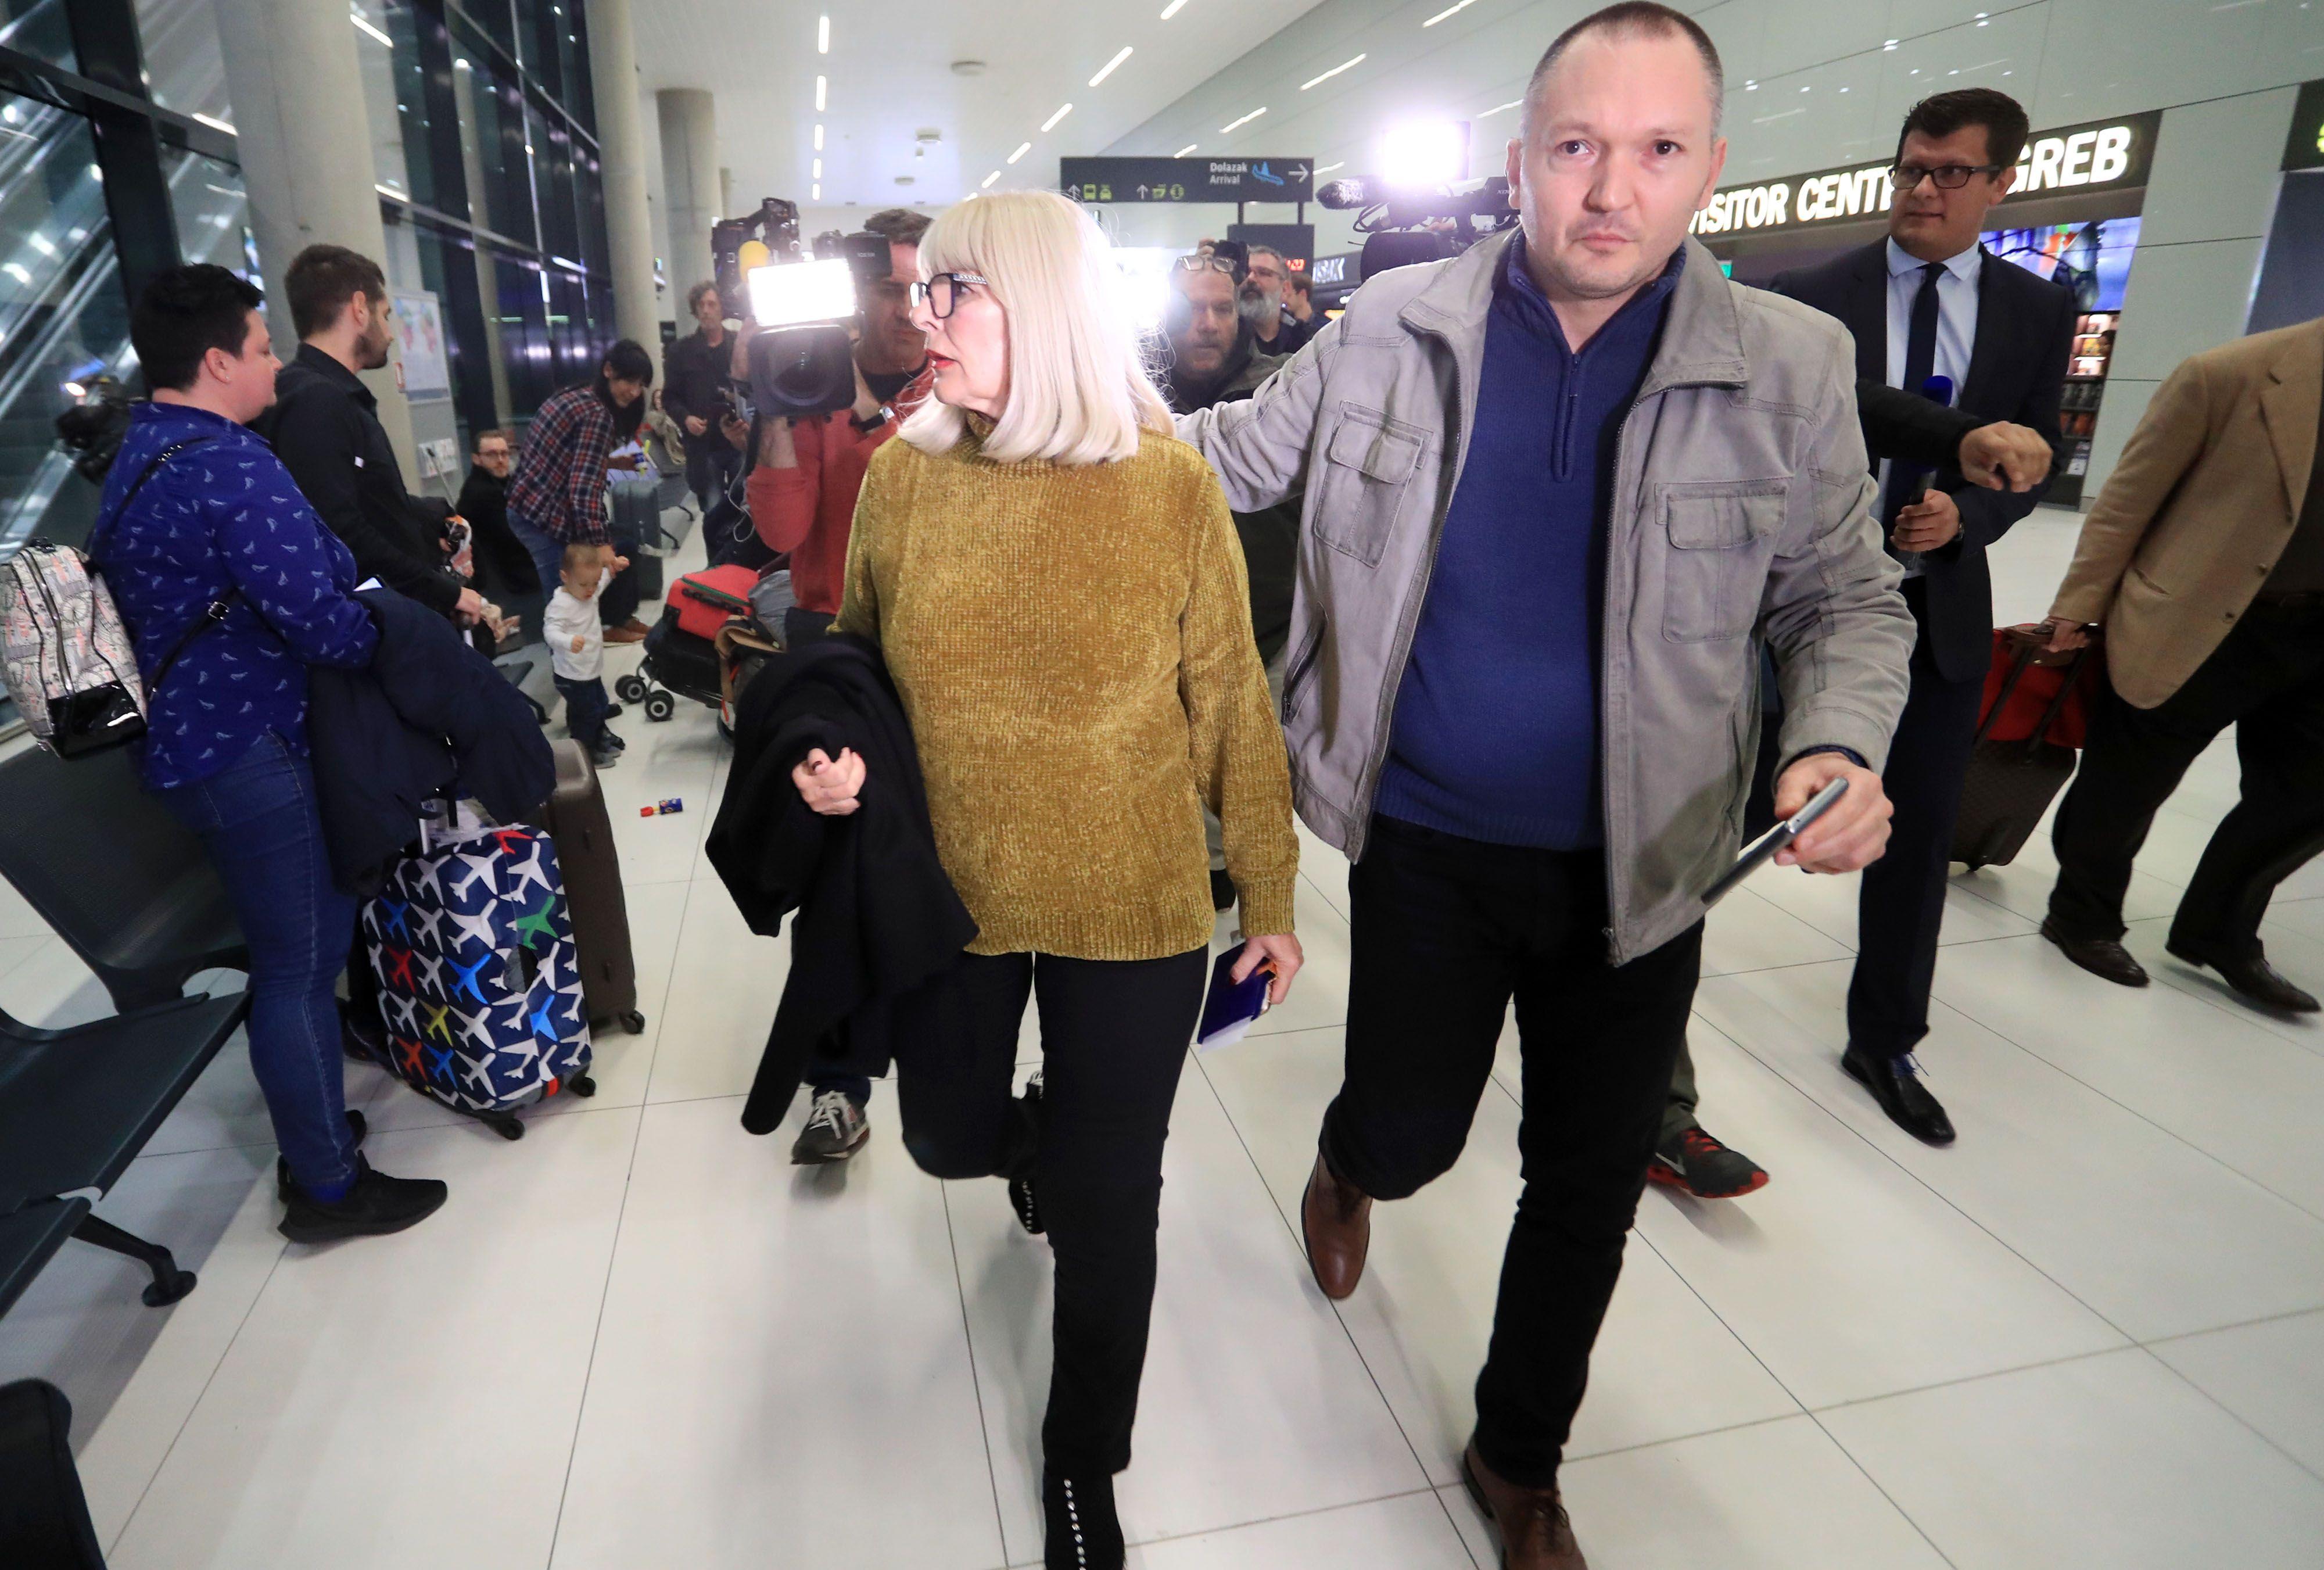 Nema govora o bogatstvu? Vesna Todorić u zračnoj luci u tenisicama koje koštaju više od 4000 kuna